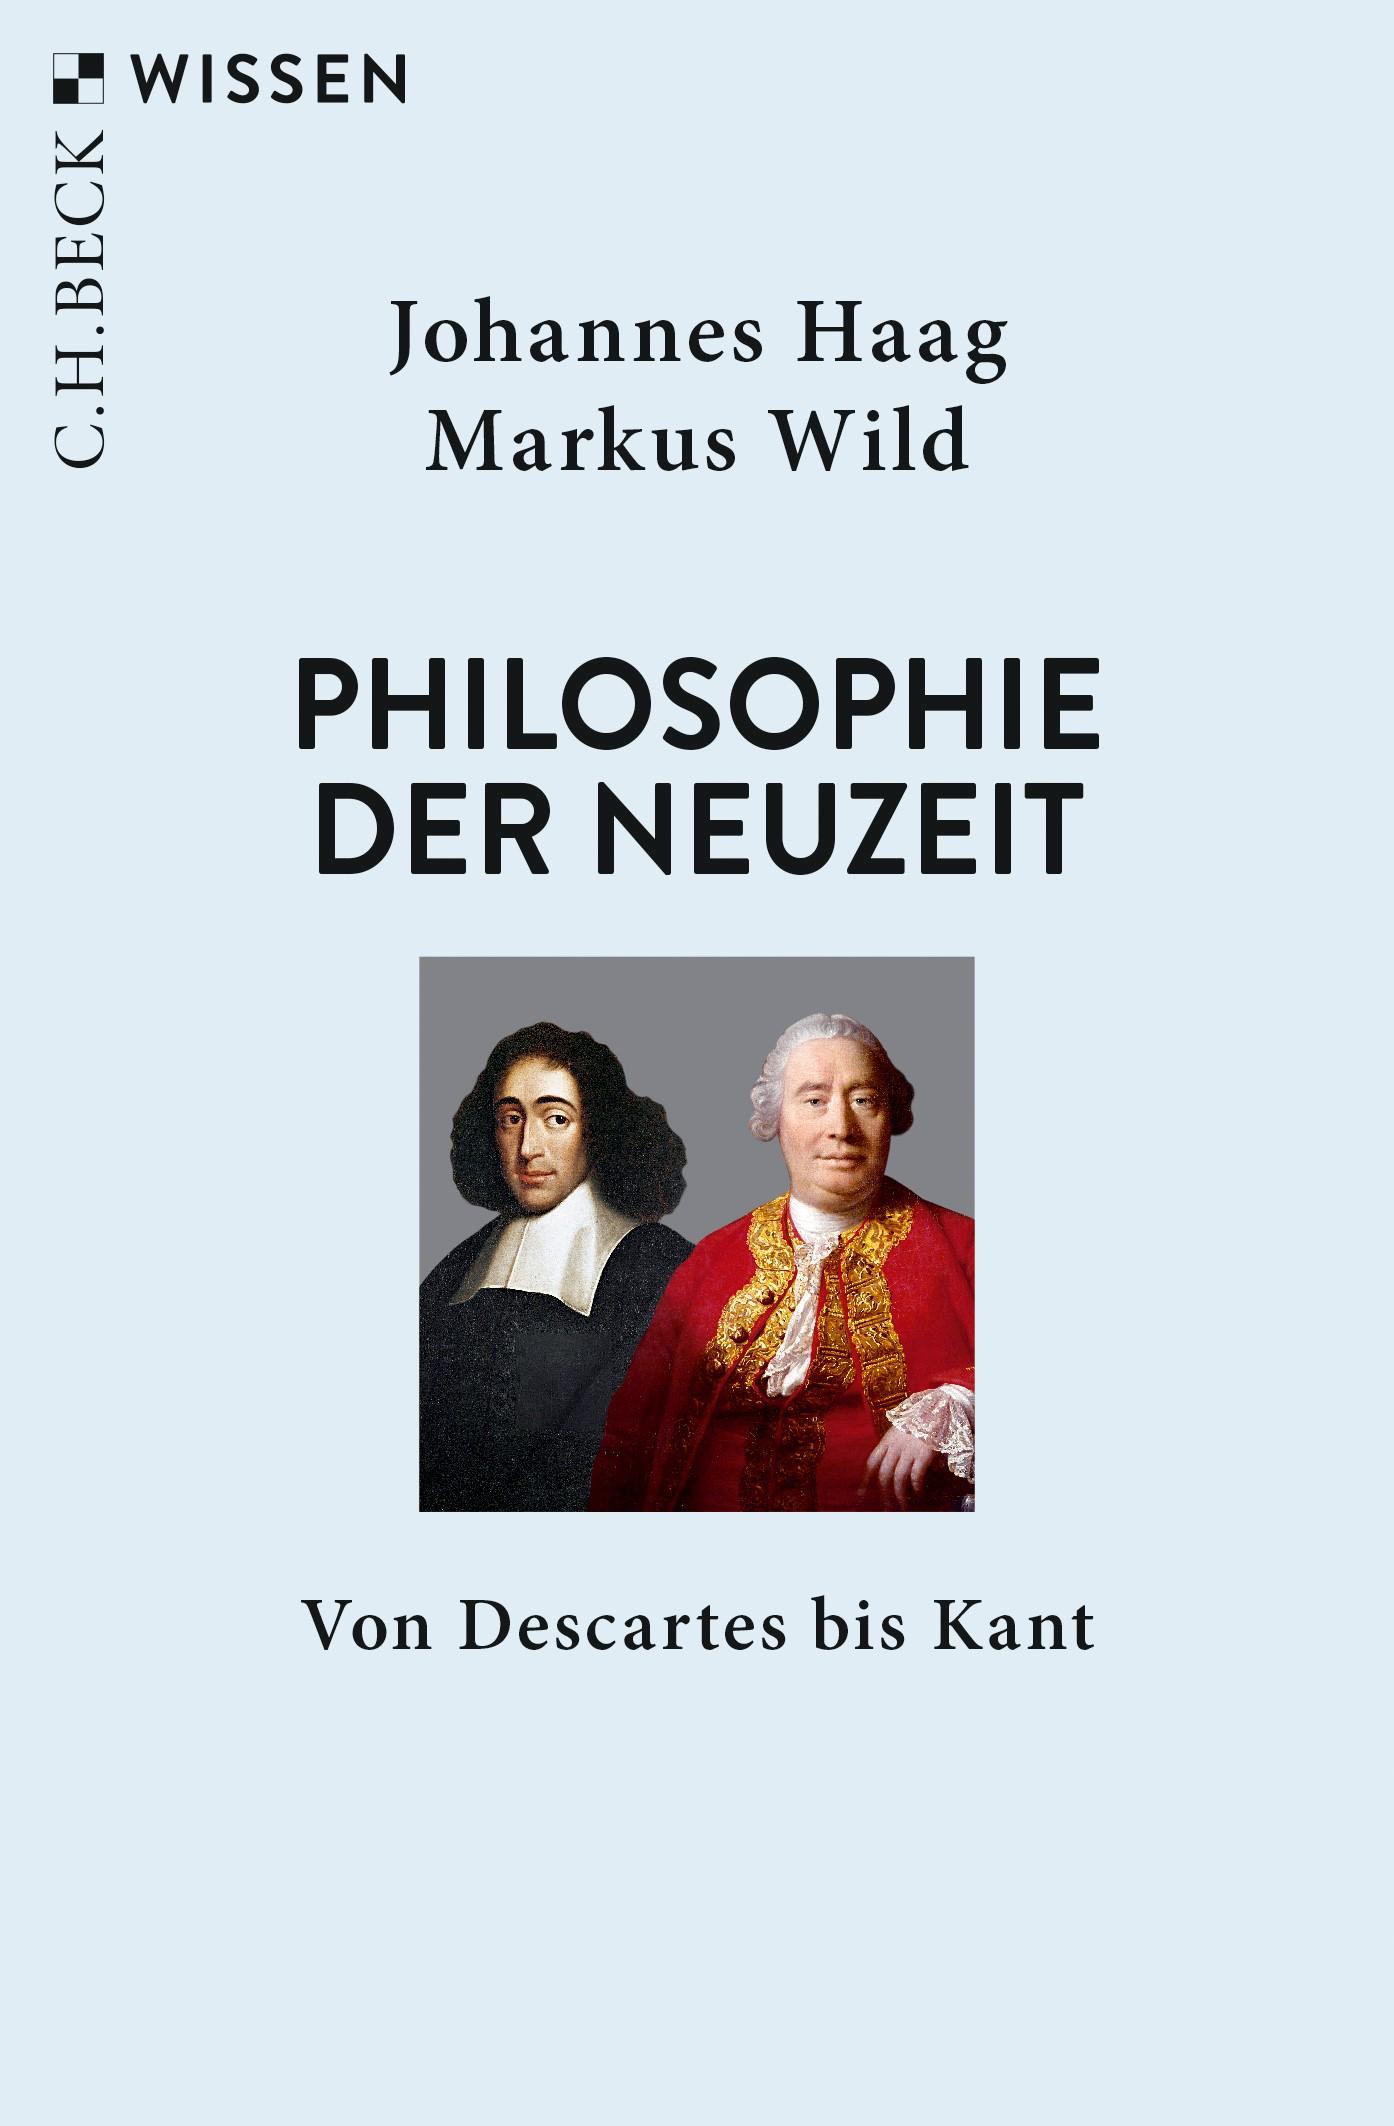 Philosophie der Neuzeit   Haag, Johannes / Wild, Markus, 2019   Buch (Cover)